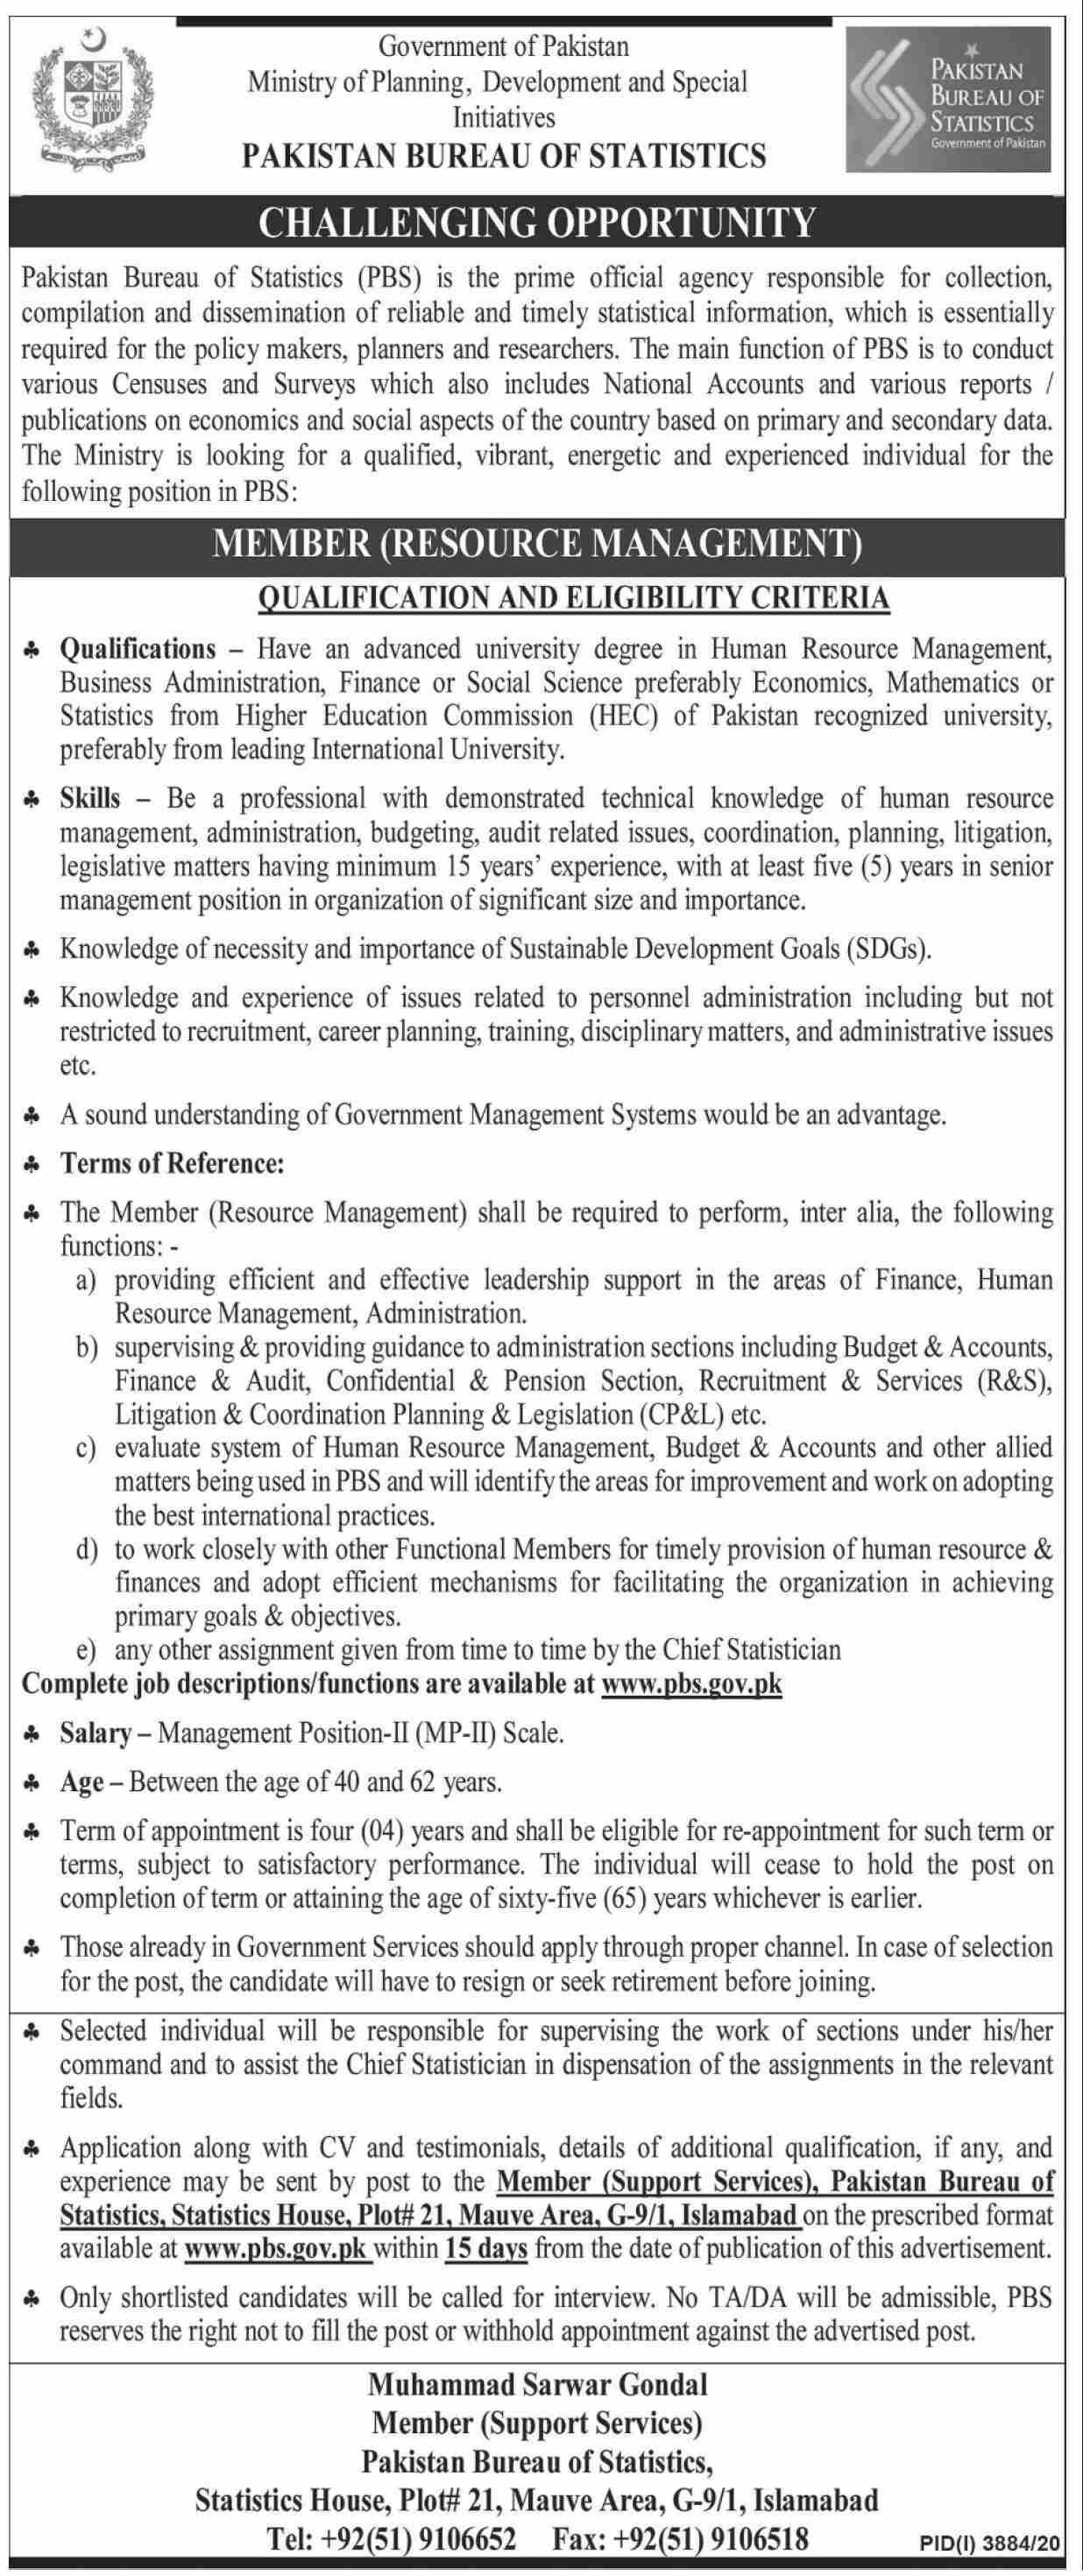 Pakistan Bureau of Statistics Job For Member In Islamabad